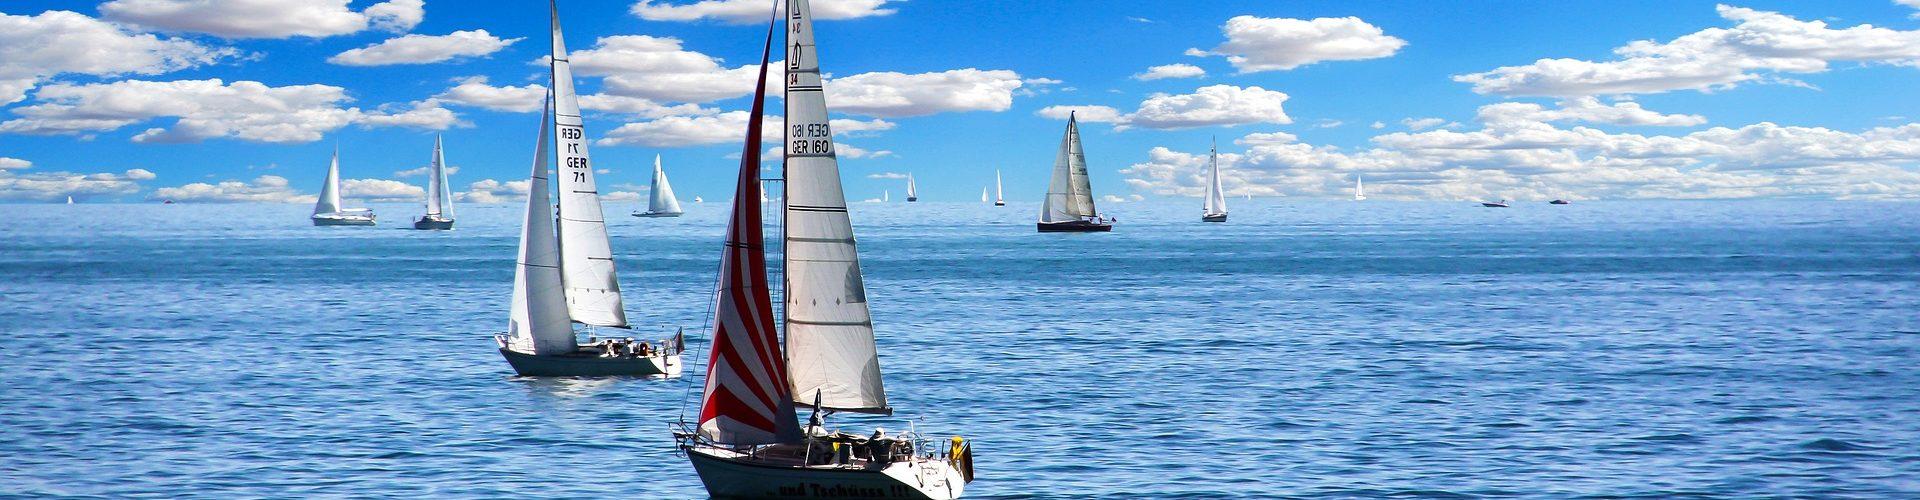 segeln lernen in Aukrug segelschein machen in Aukrug 1920x500 - Segeln lernen in Aukrug